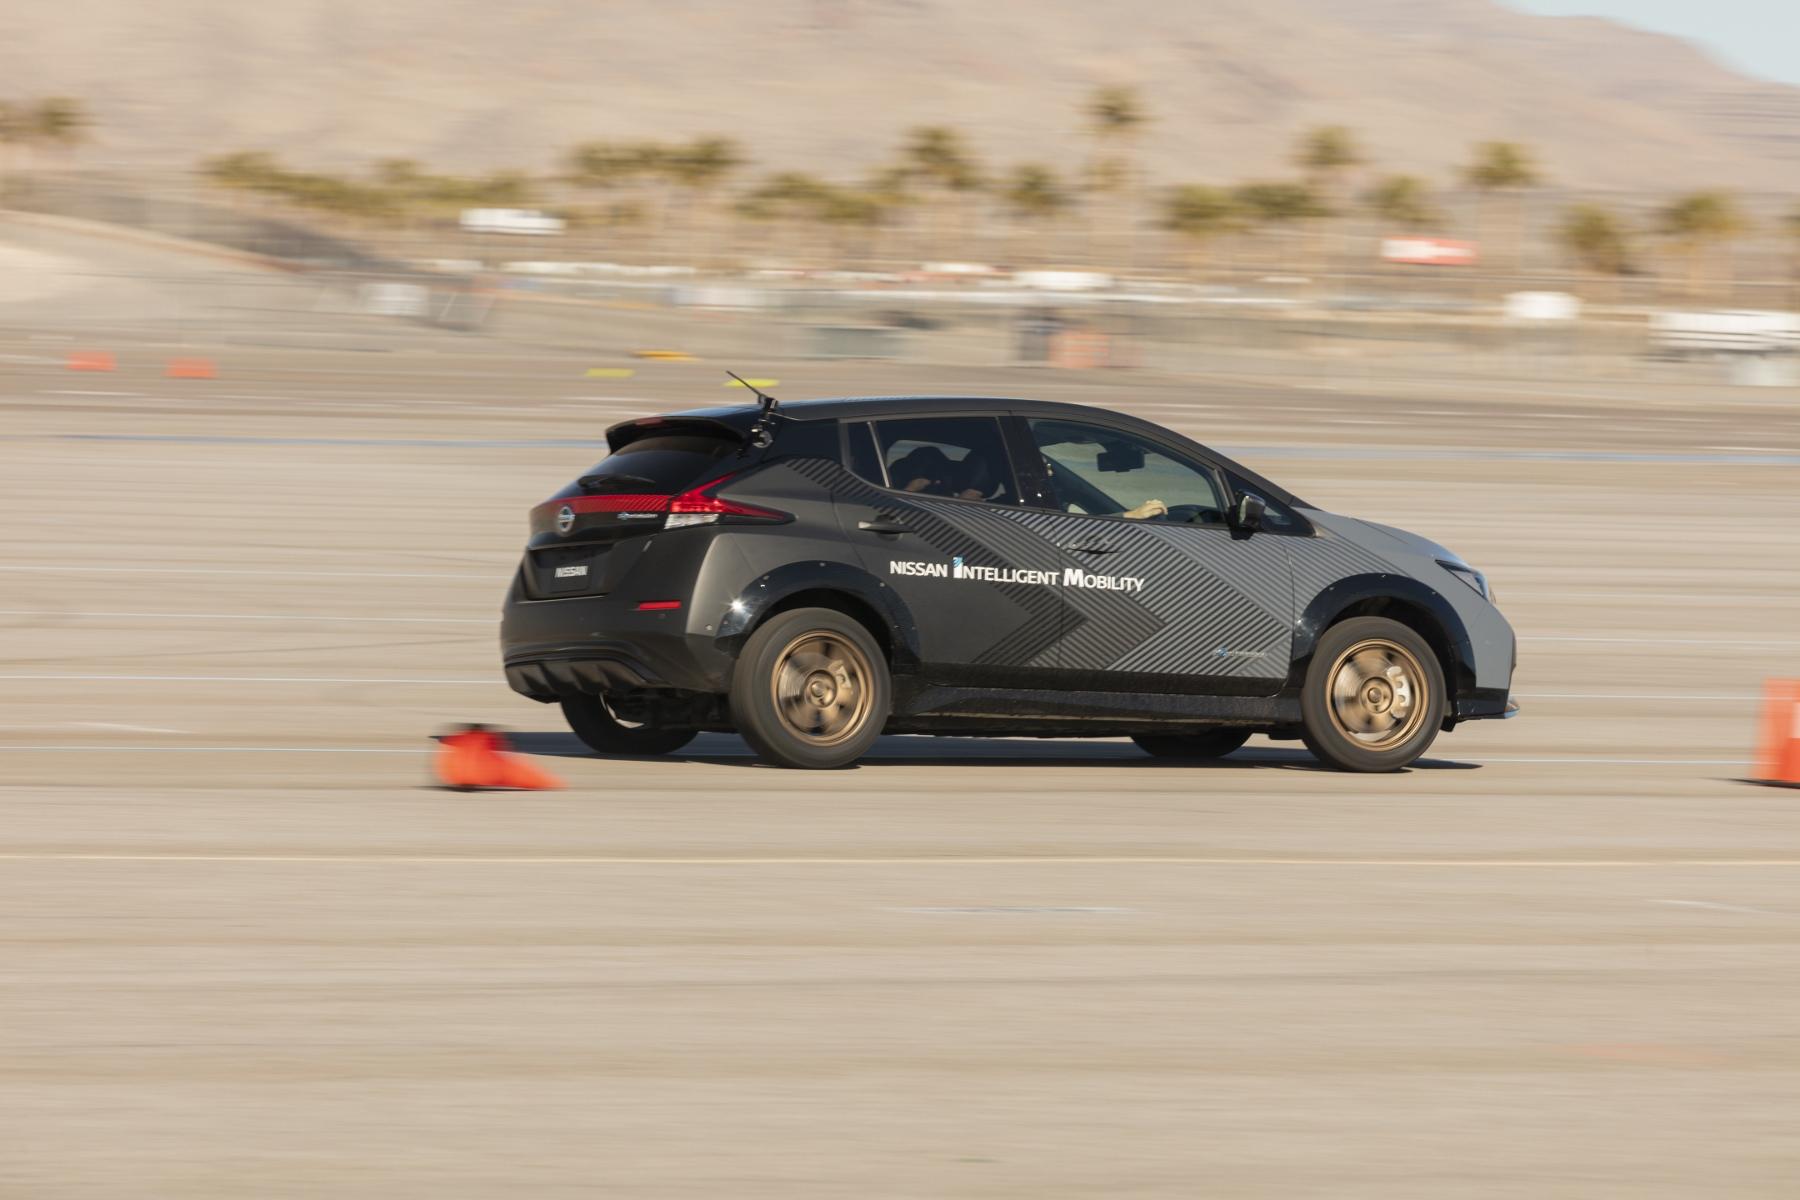 Nissan prichádza s revolučným elektrickým pohonom všetkých kolies avPRcA2Ss0 nissan-leaf-prototyp-3